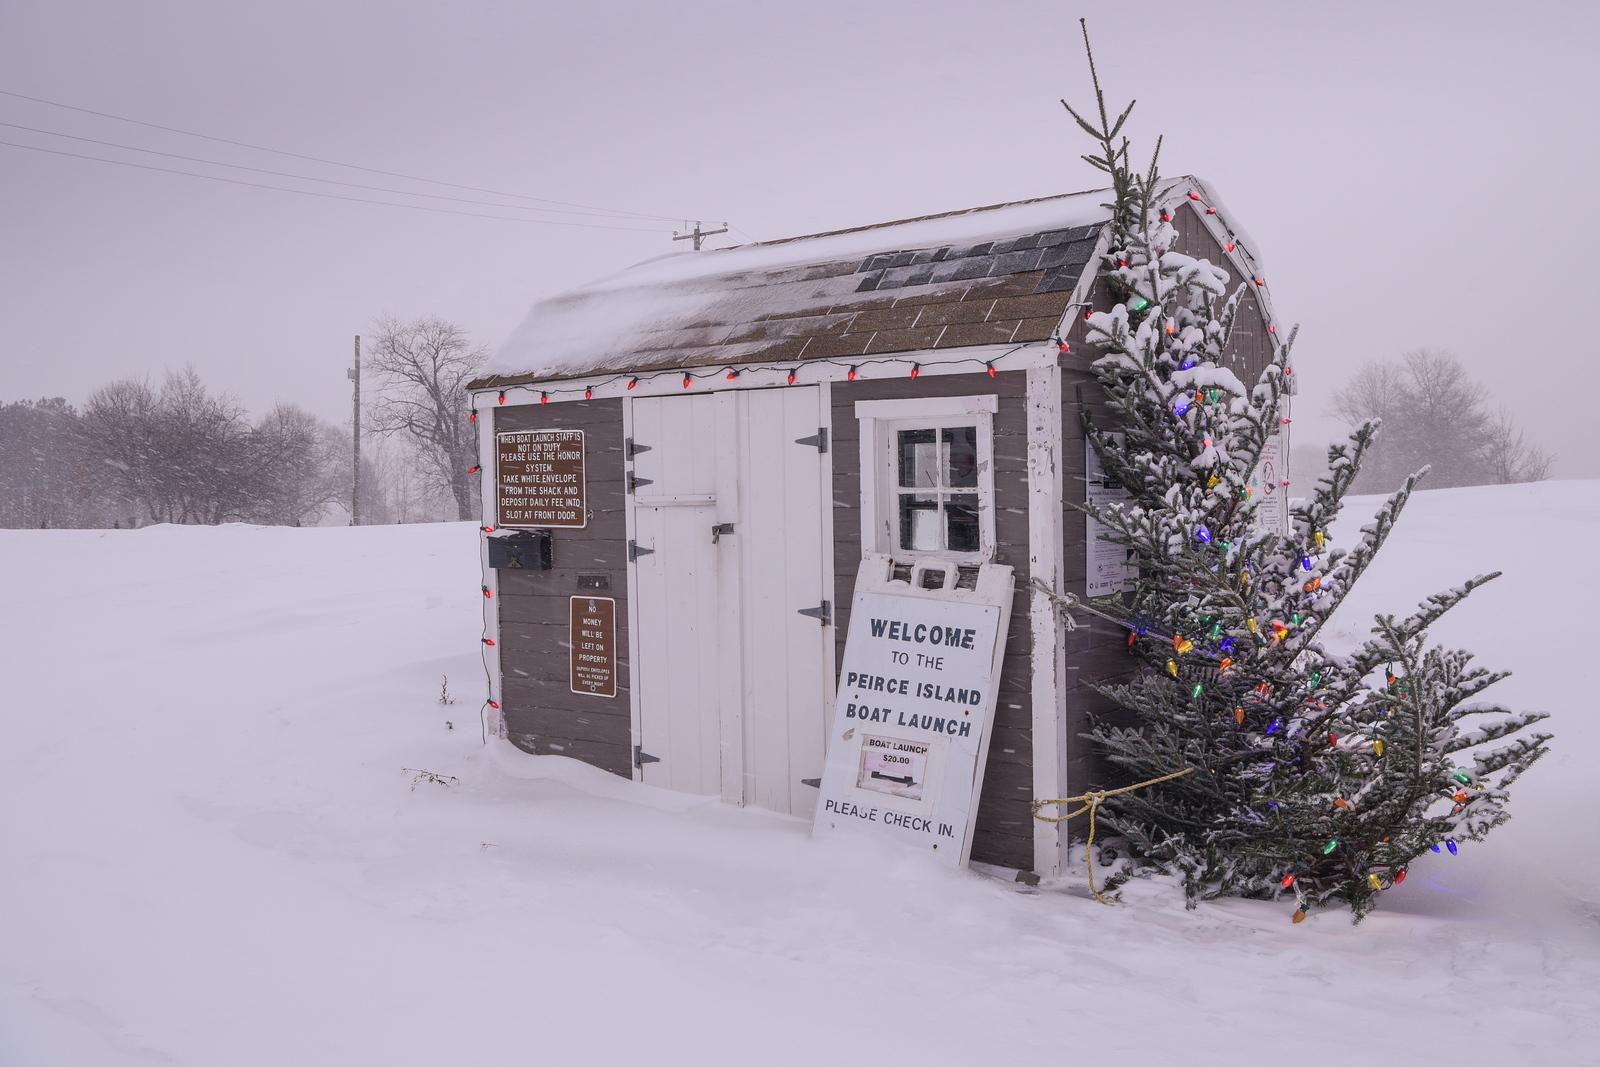 Peirce Island Christmas